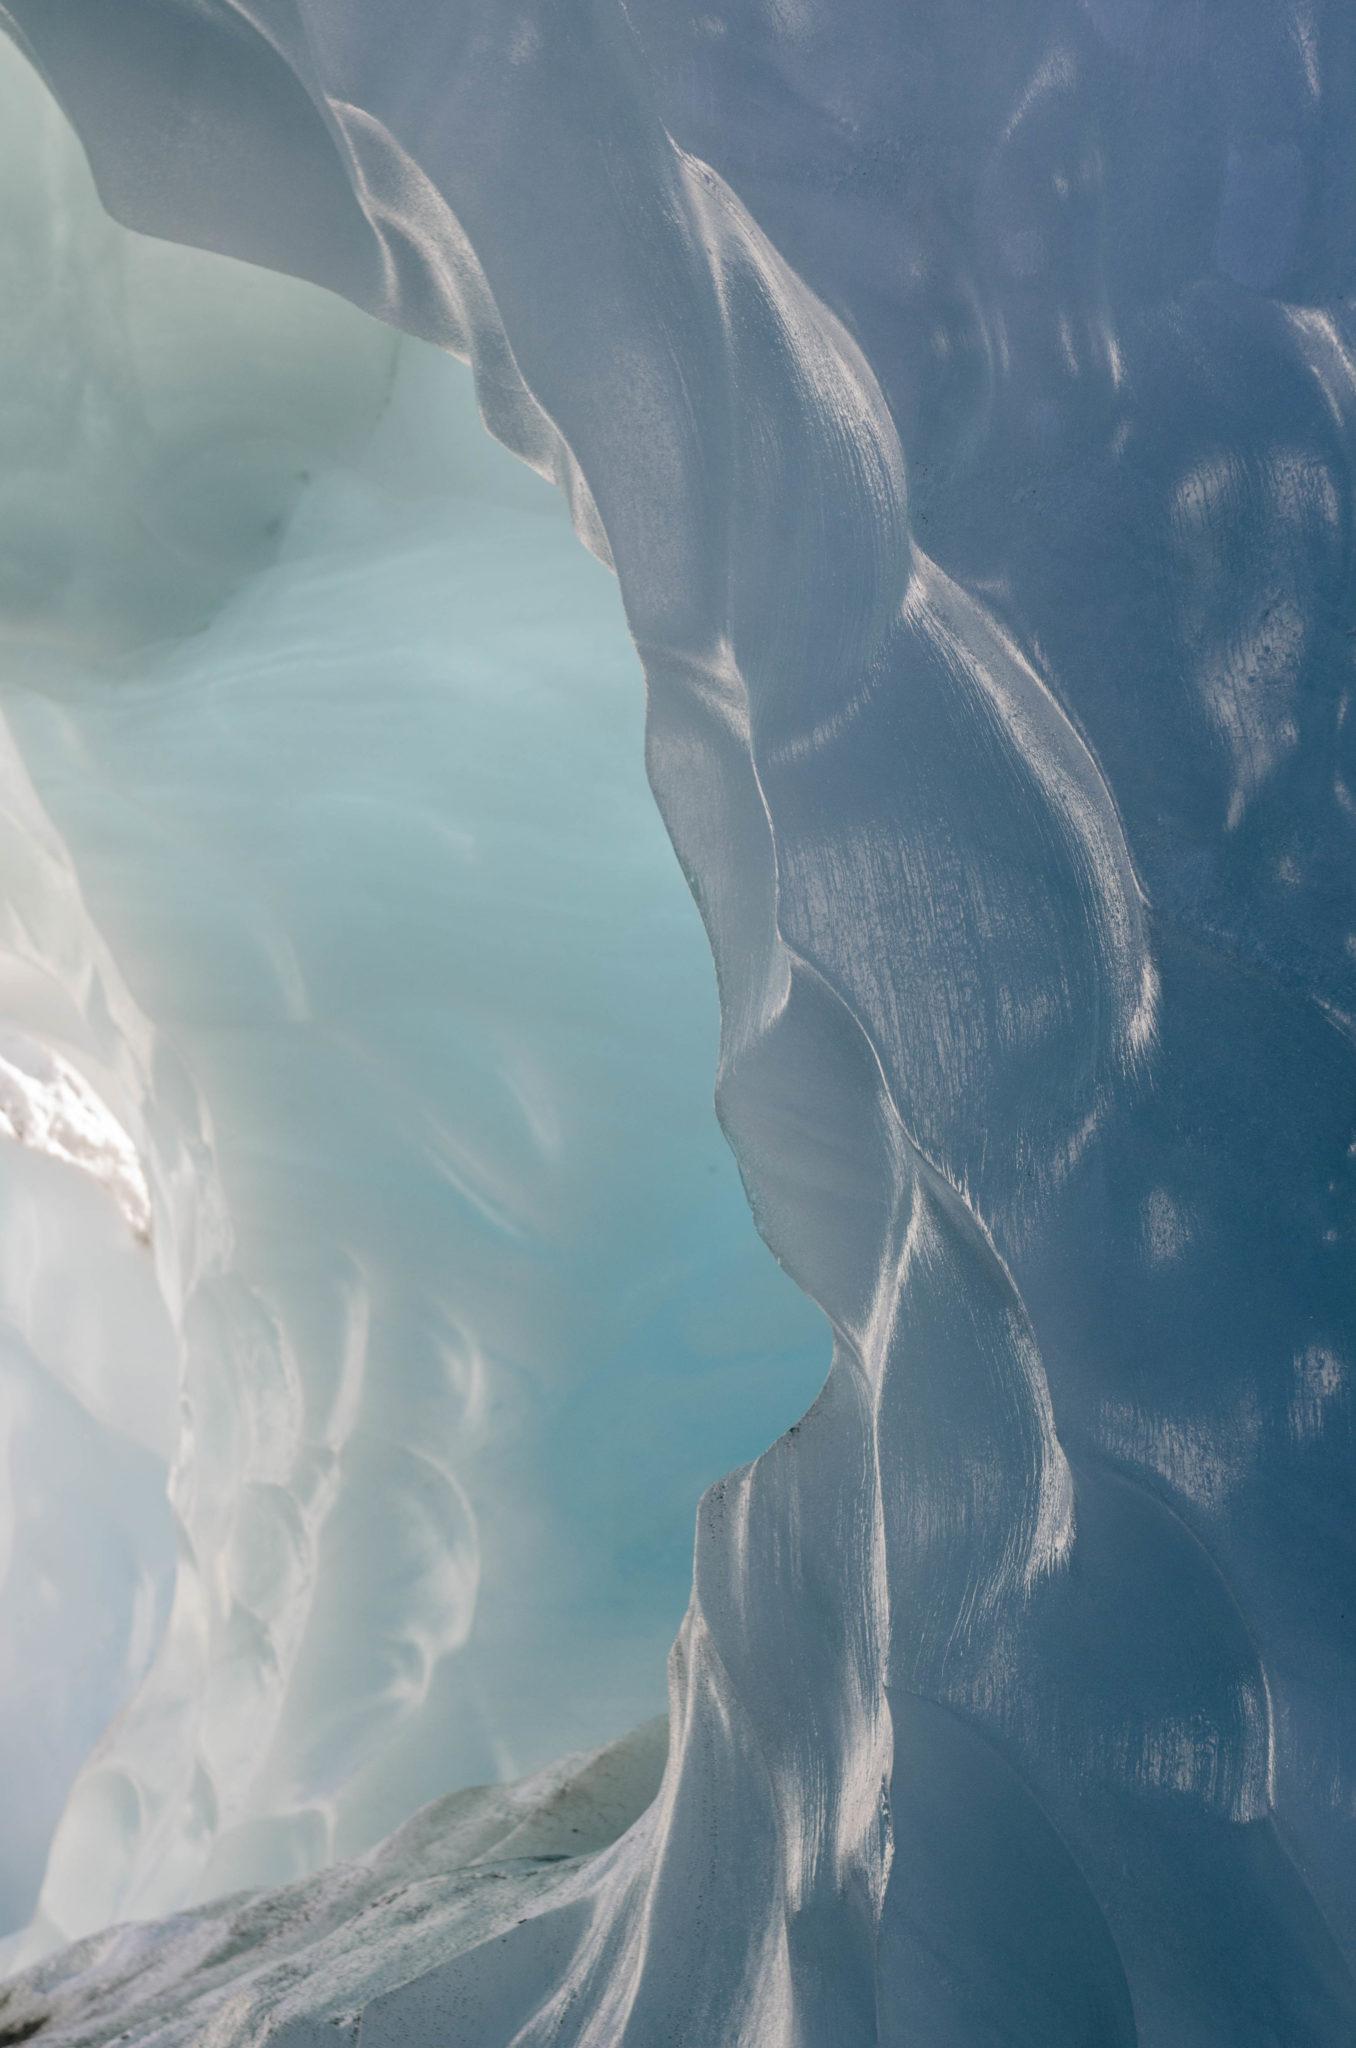 Eisformation am Tasman Gletscher am Mount Cook in Neuseeland